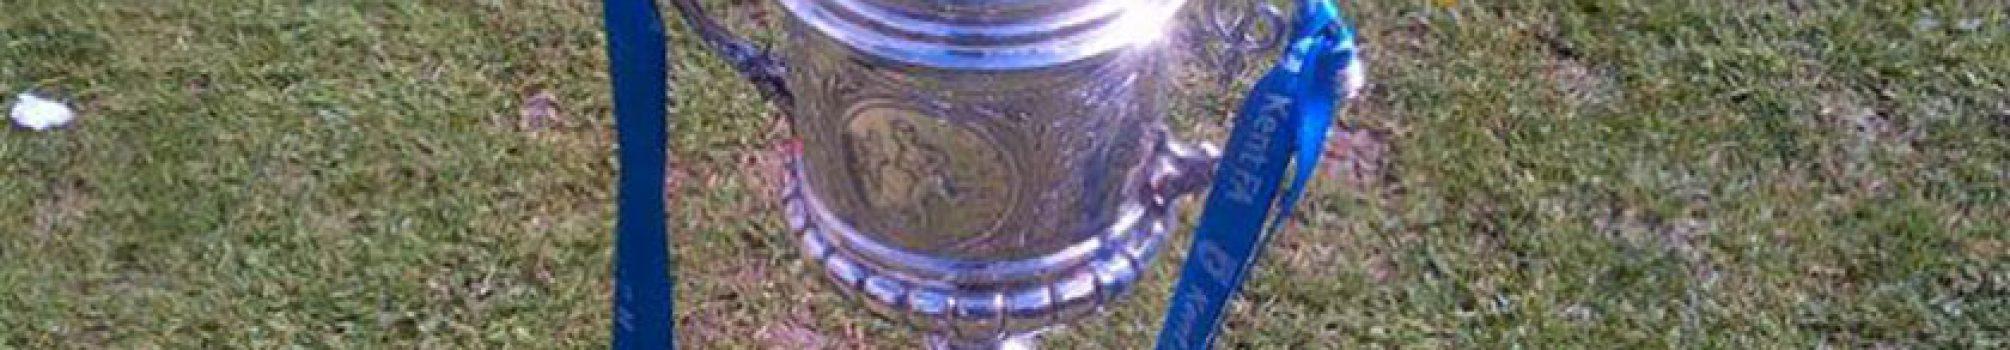 KSC-trophy